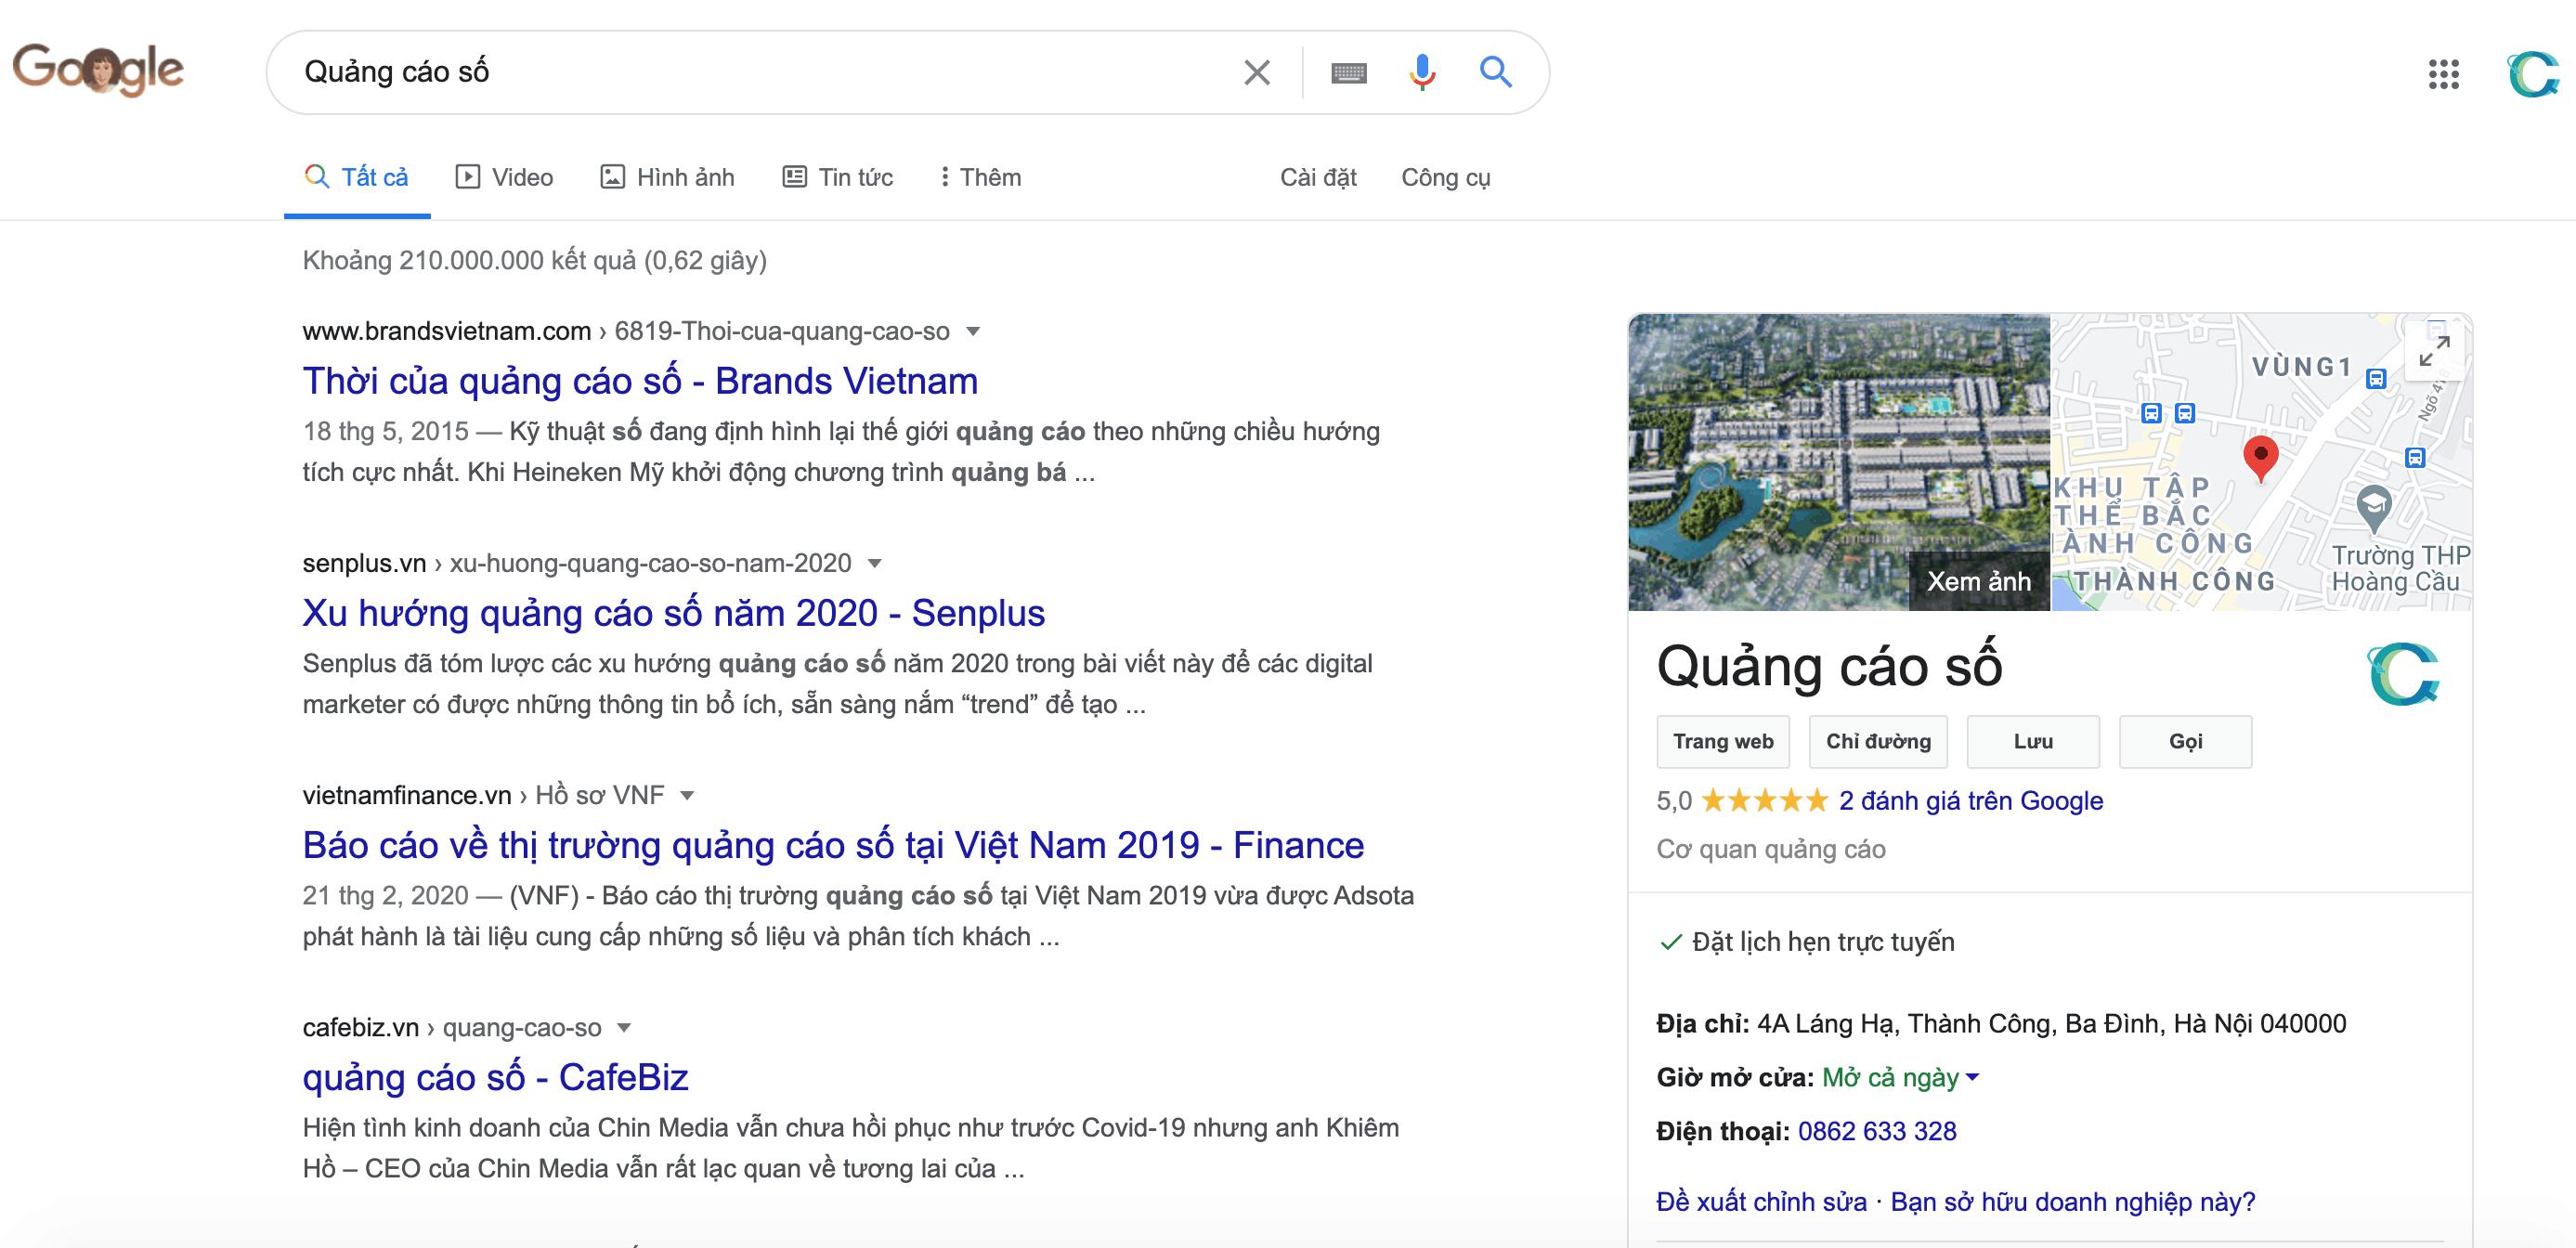 Thông tin Quảng Cáo Số sau khi đã được xác minh trên Google Maps